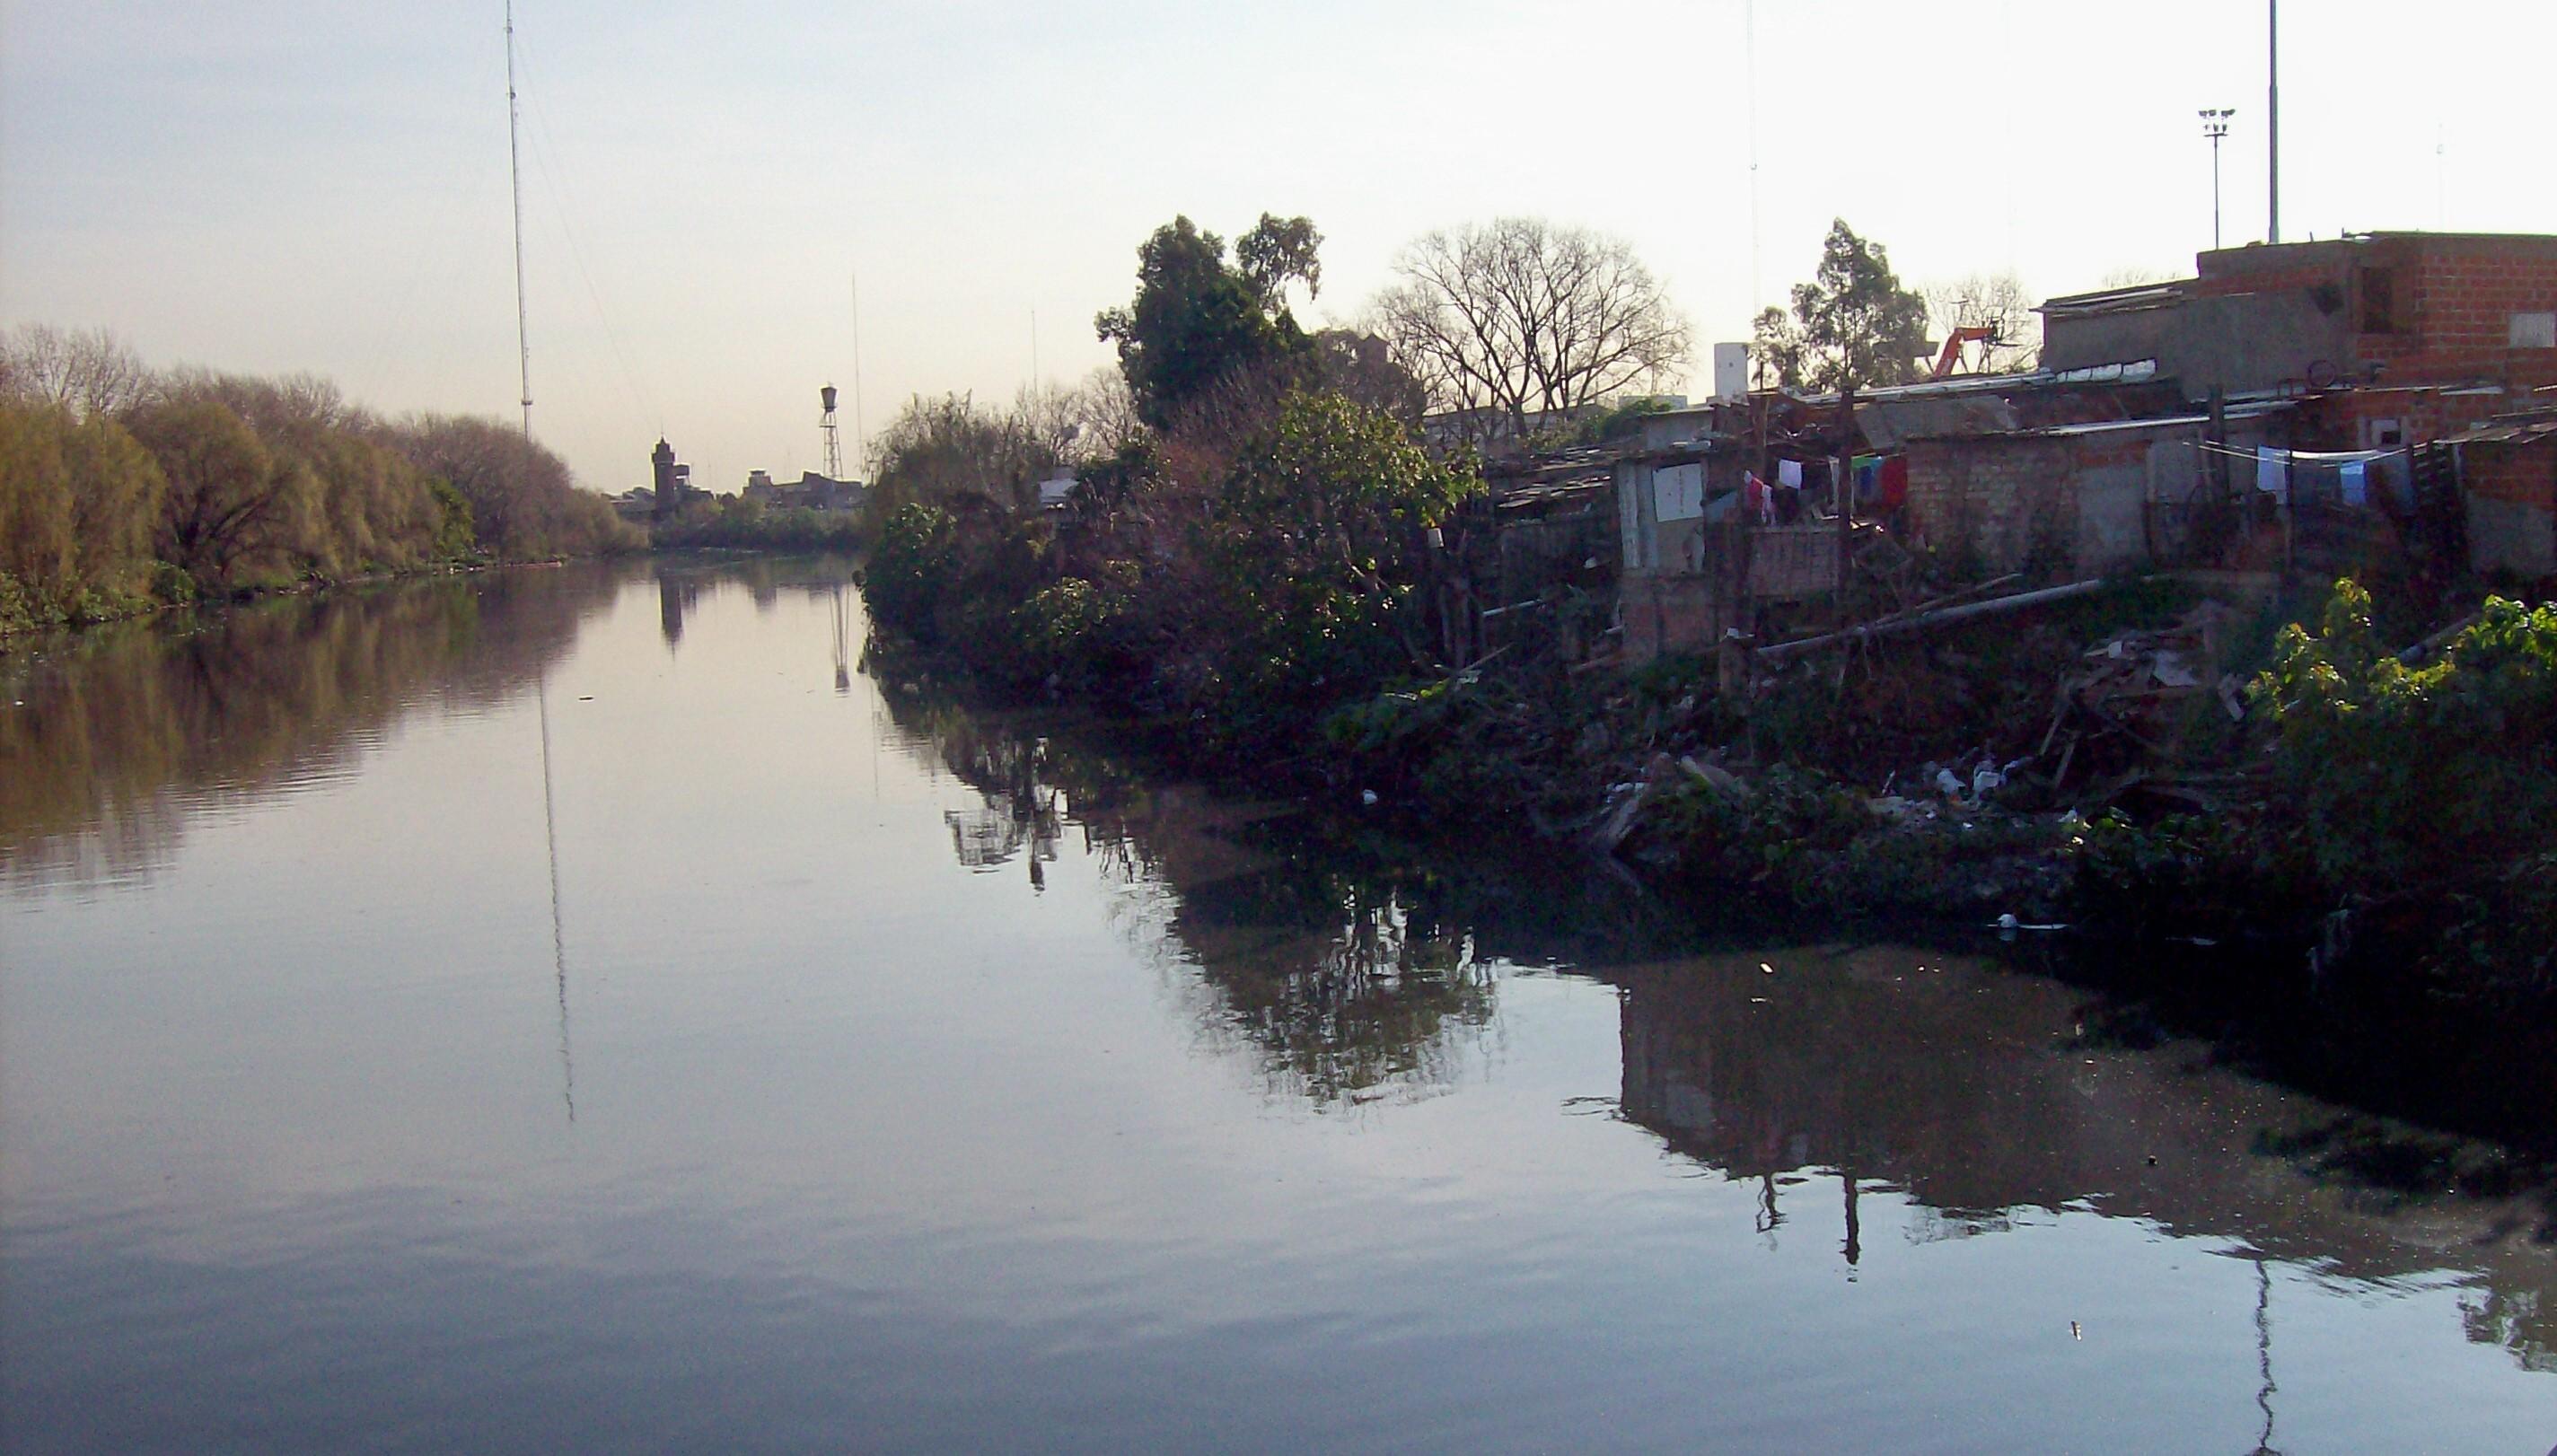 File vista riachuelo desde puente wikimedia for Villas en argentina